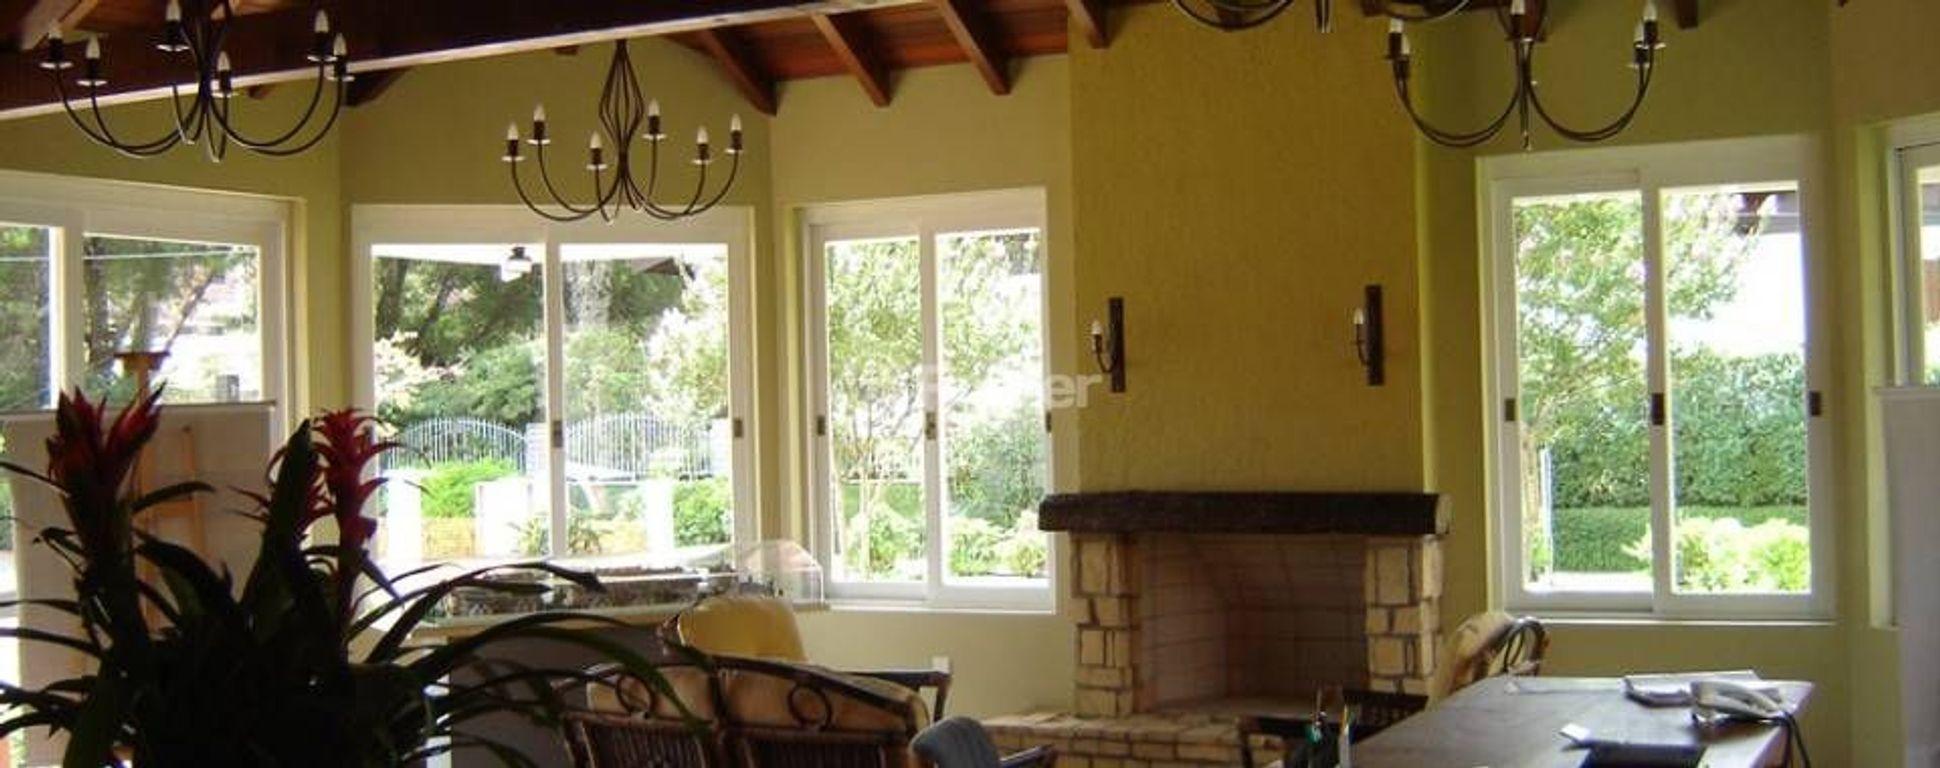 Casa 2 Dorm, Planalto, Gramado (124619) - Foto 11